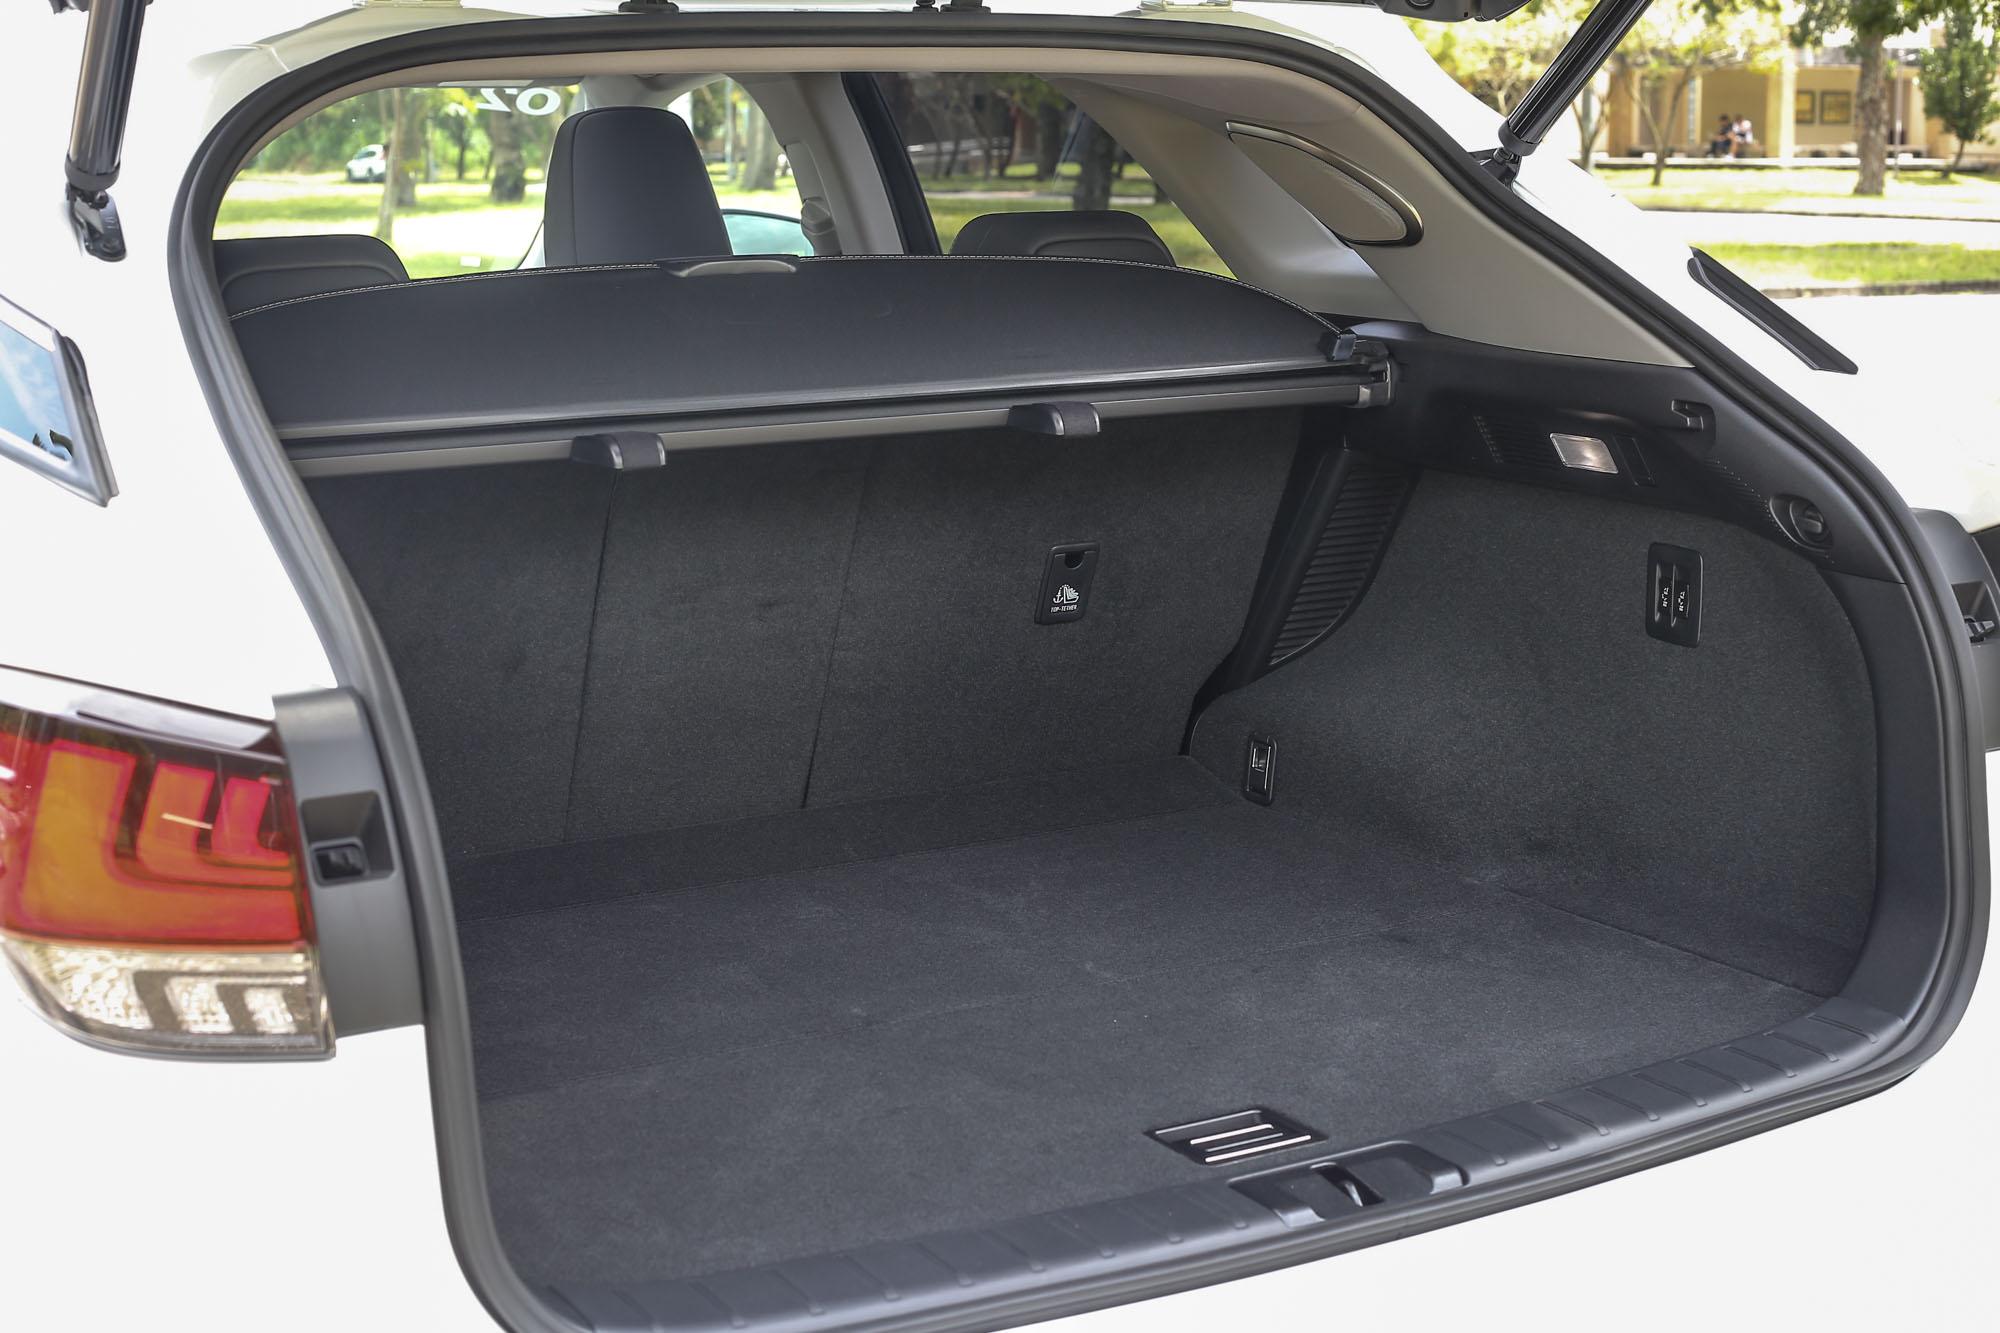 後廂容積可在 514 ~ 1,587 公升間彈性調整。